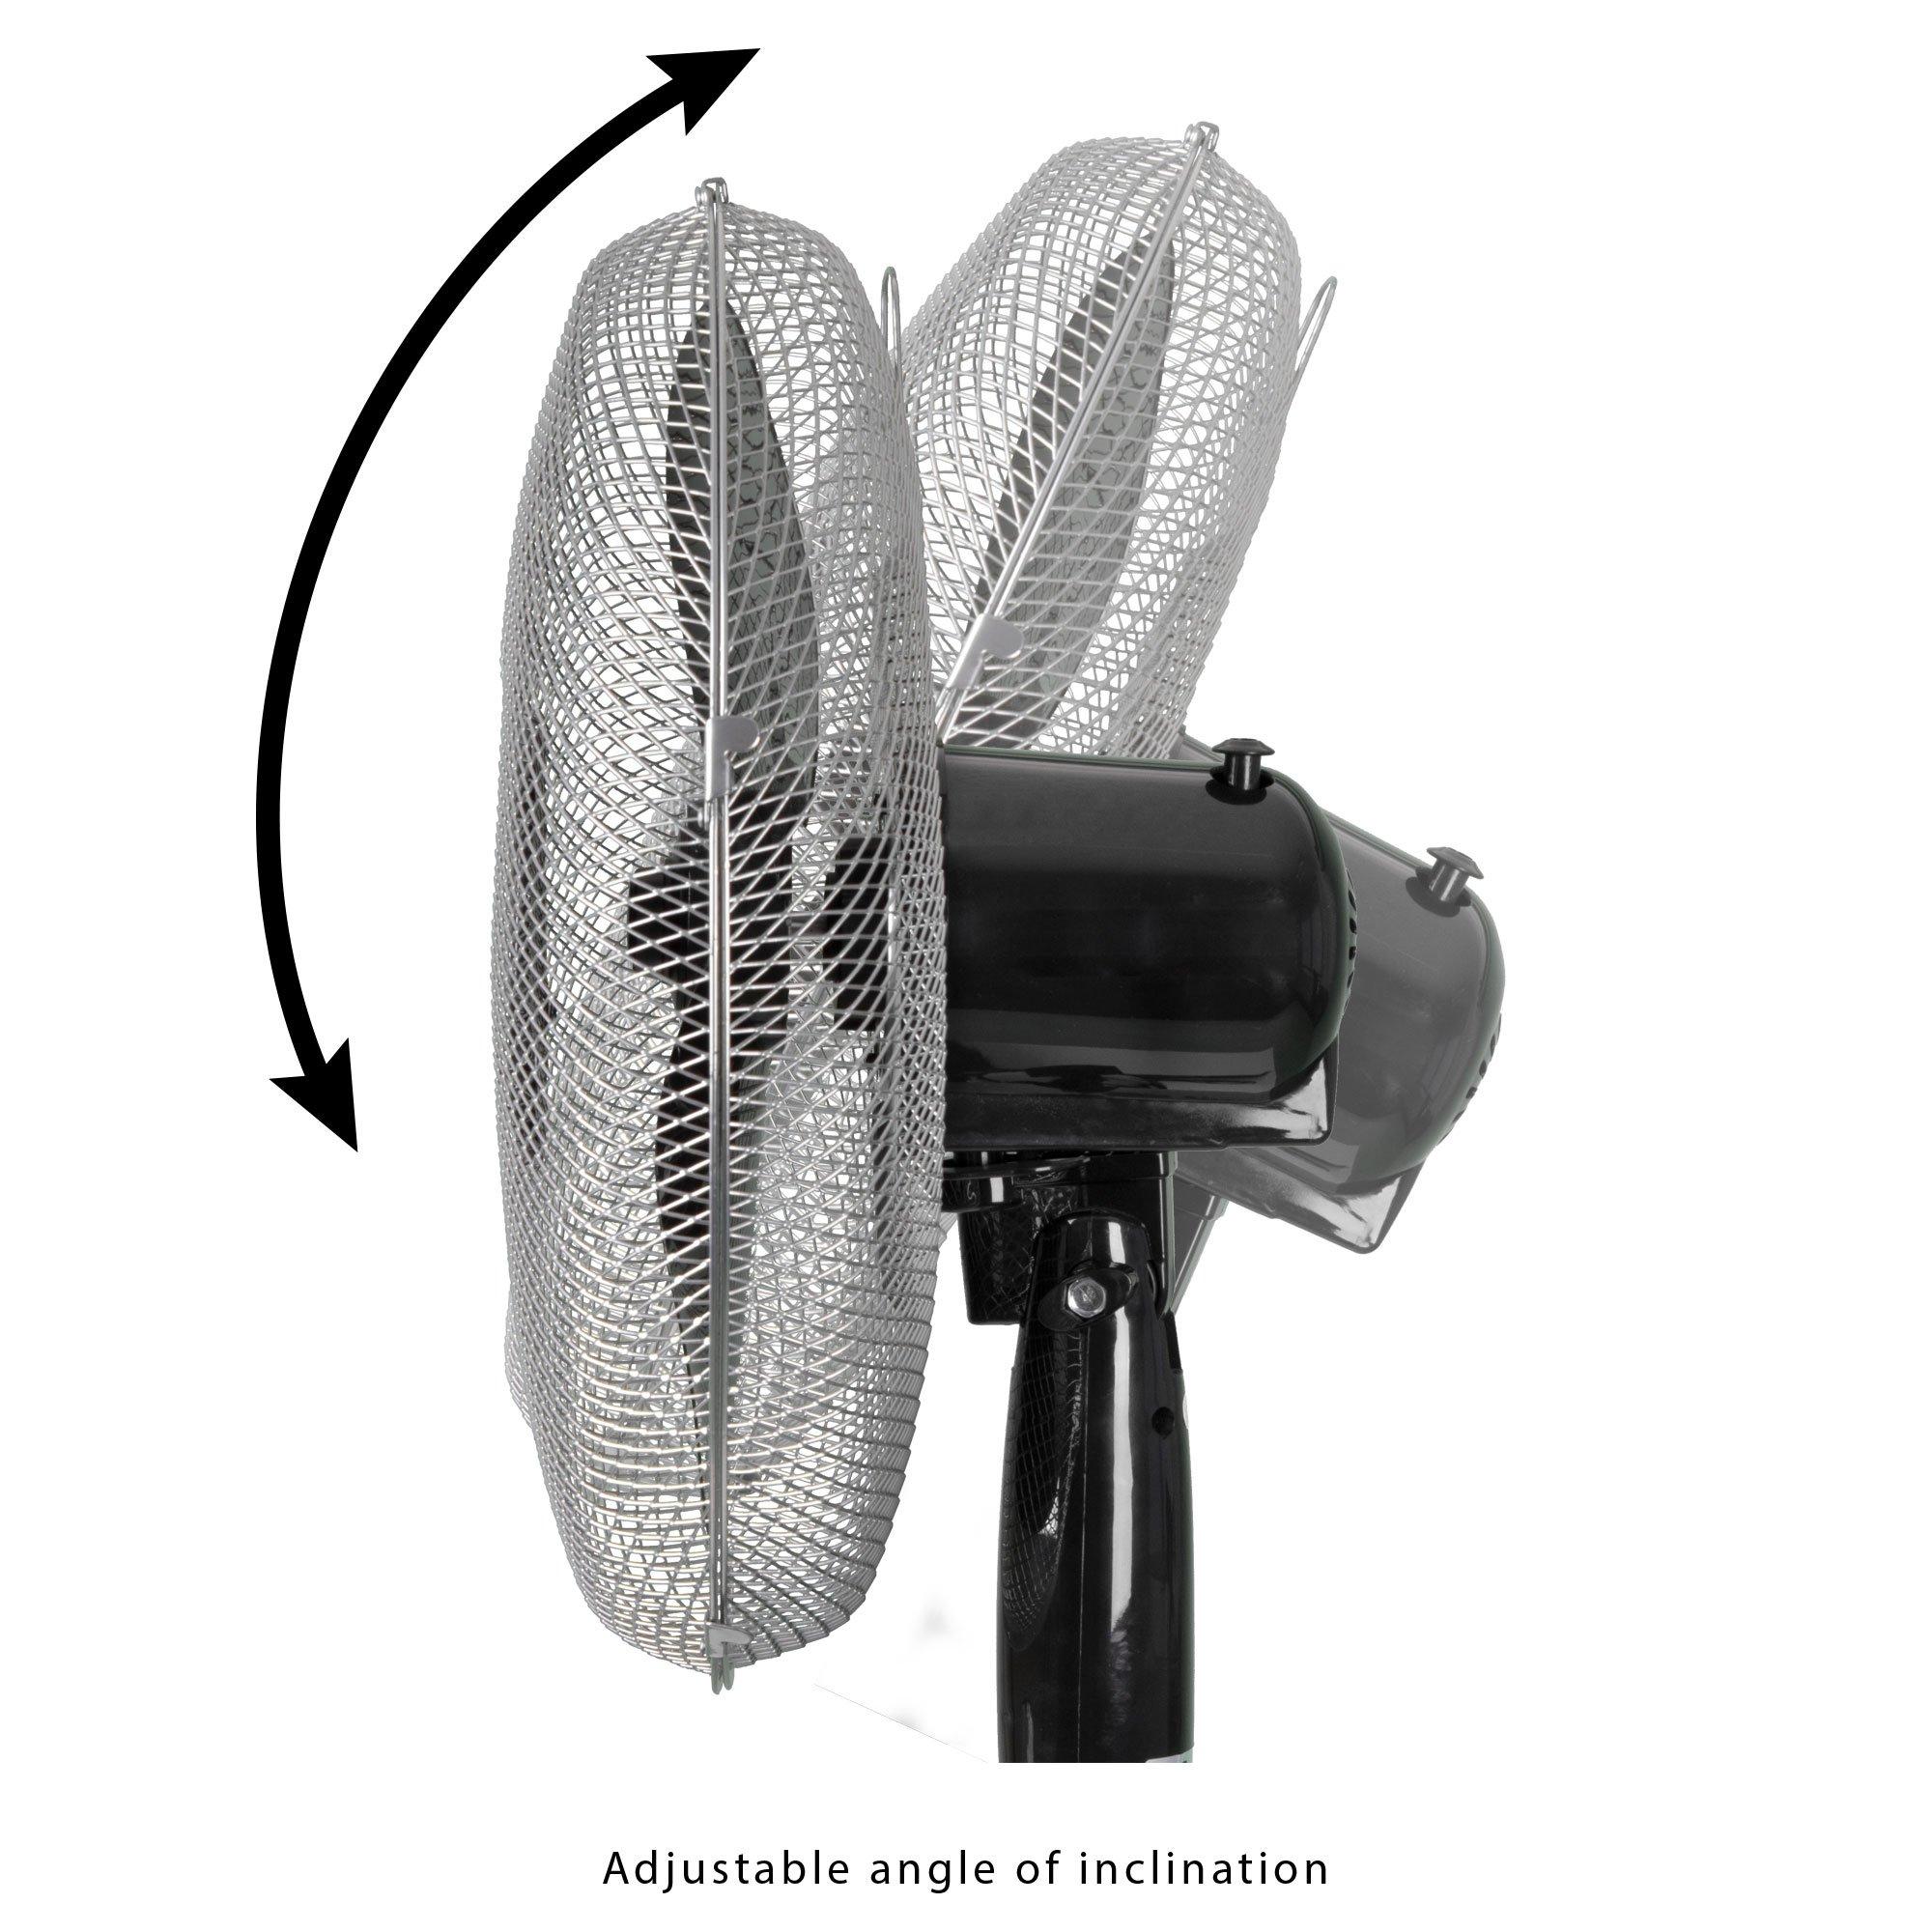 AEG Standventilator mit Fernbedienung VL 5668 S